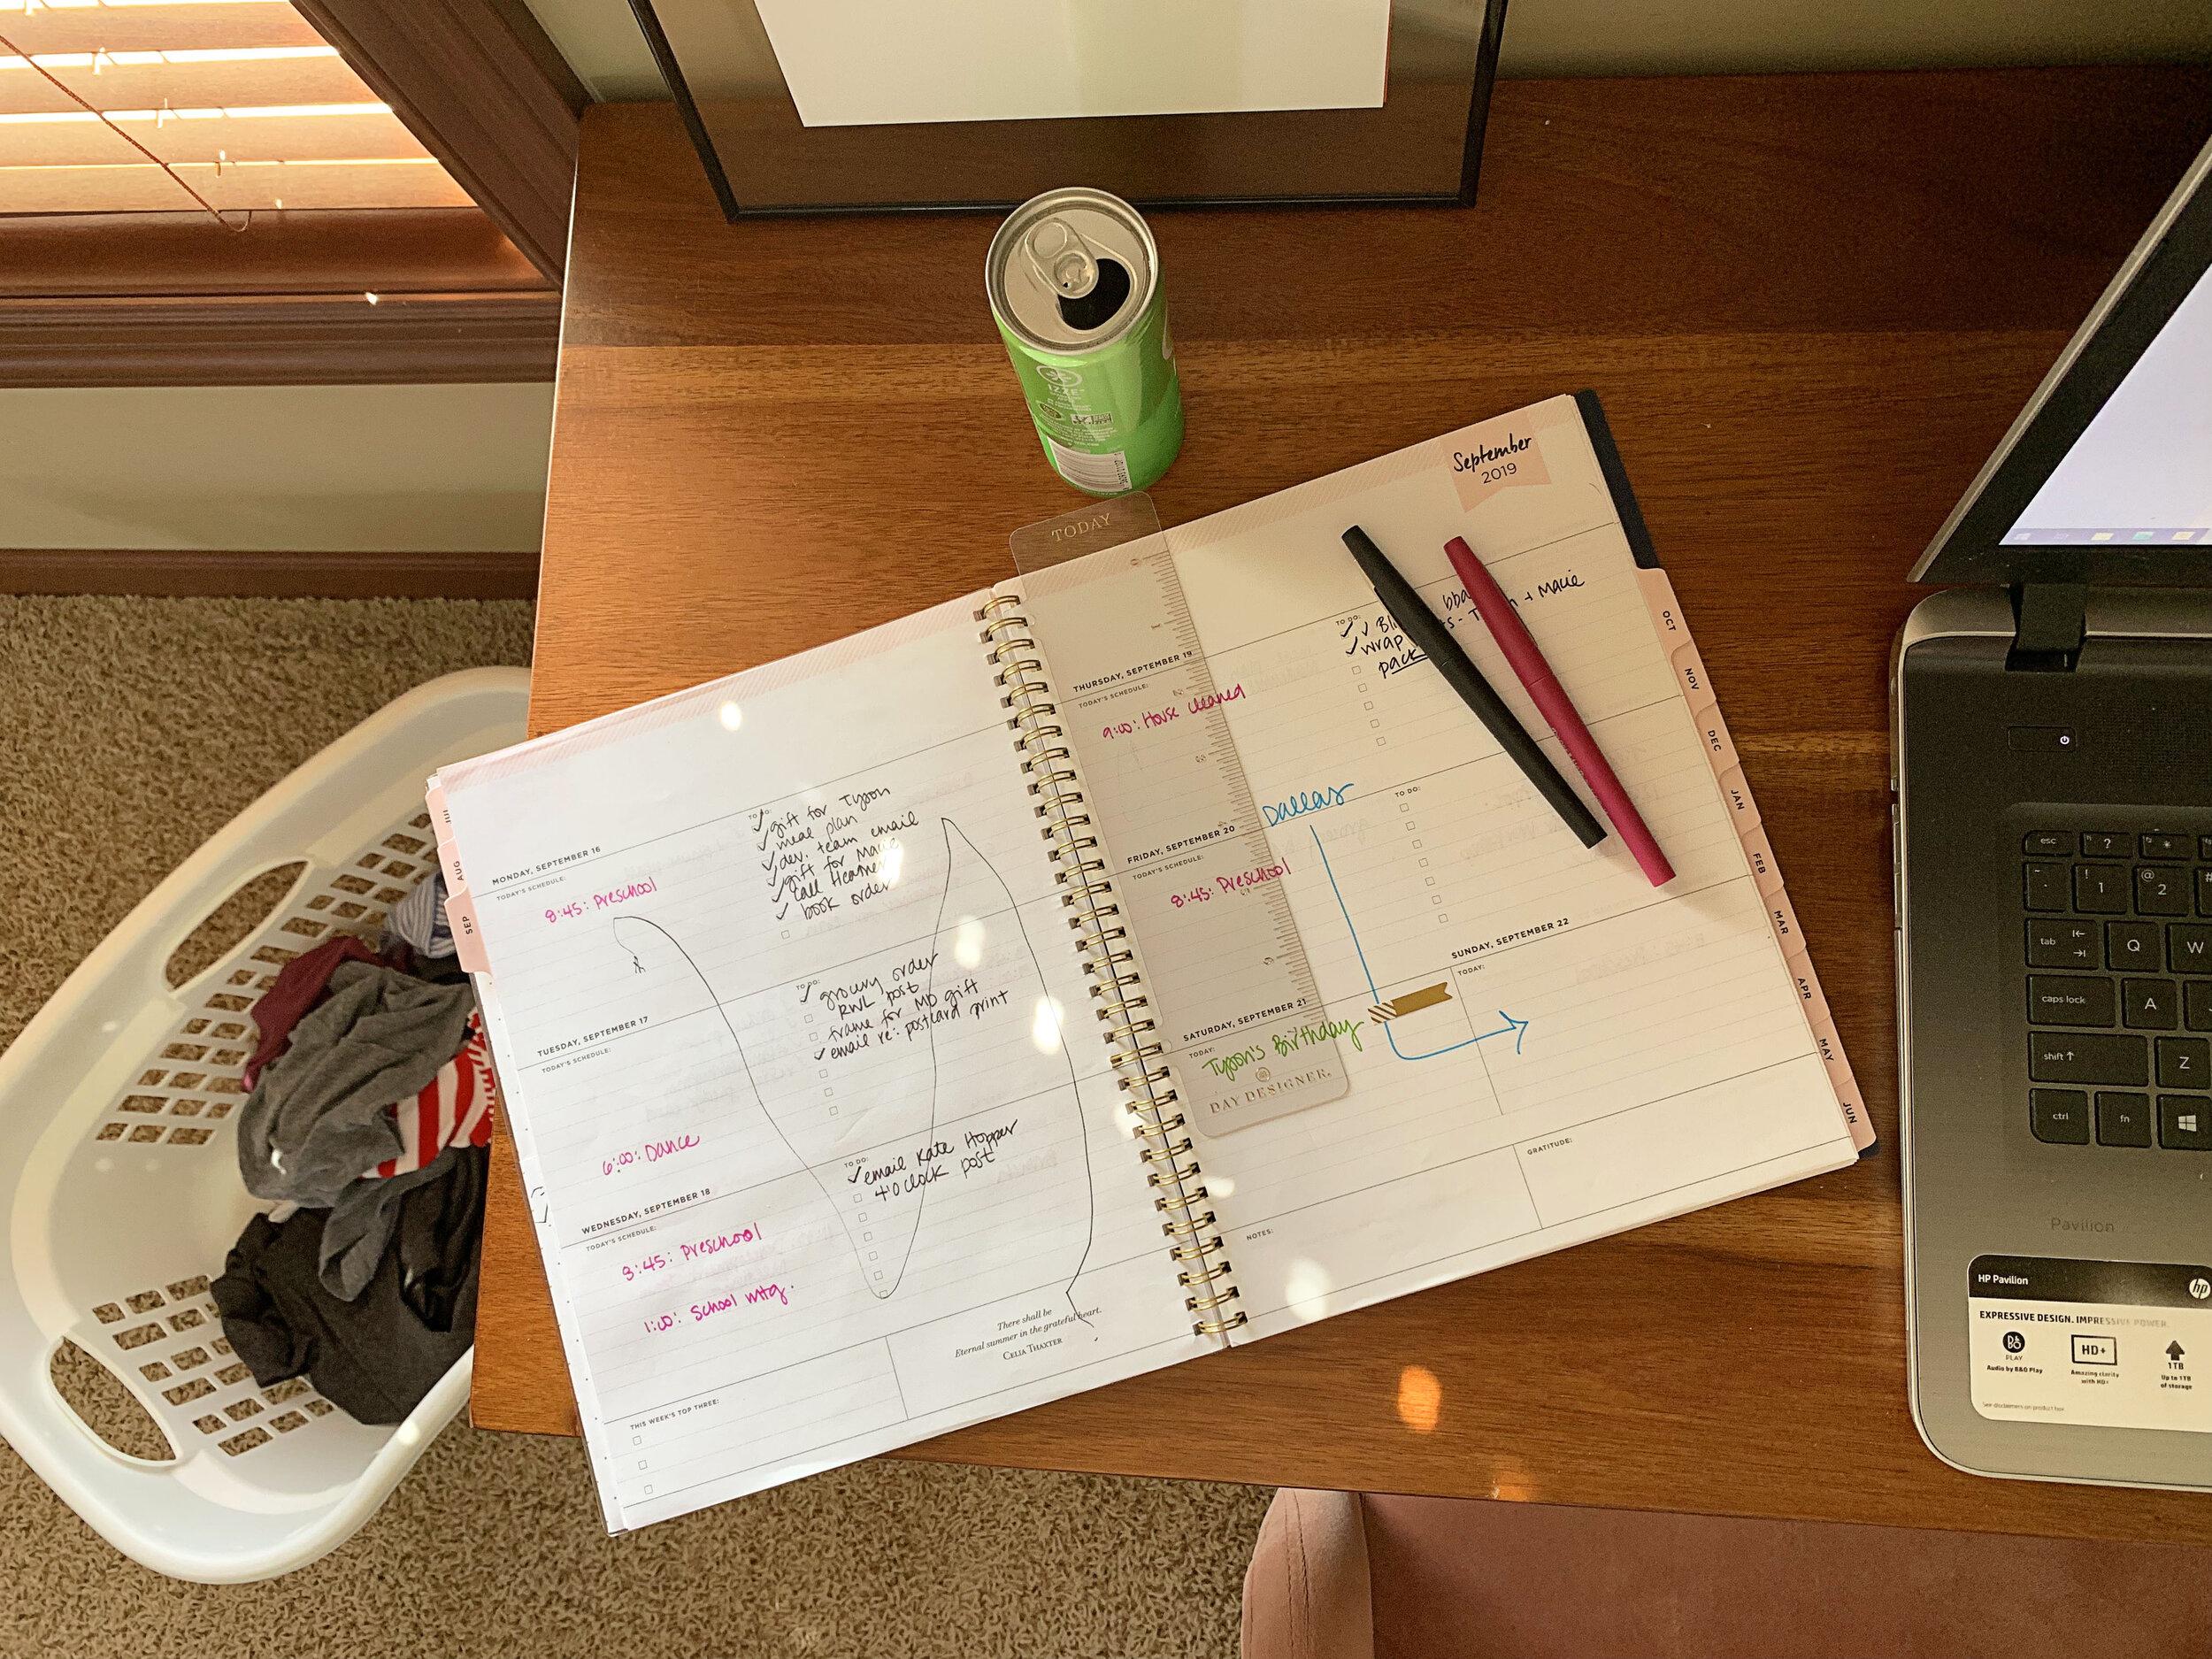 2019 09 19 Desk 02.jpg